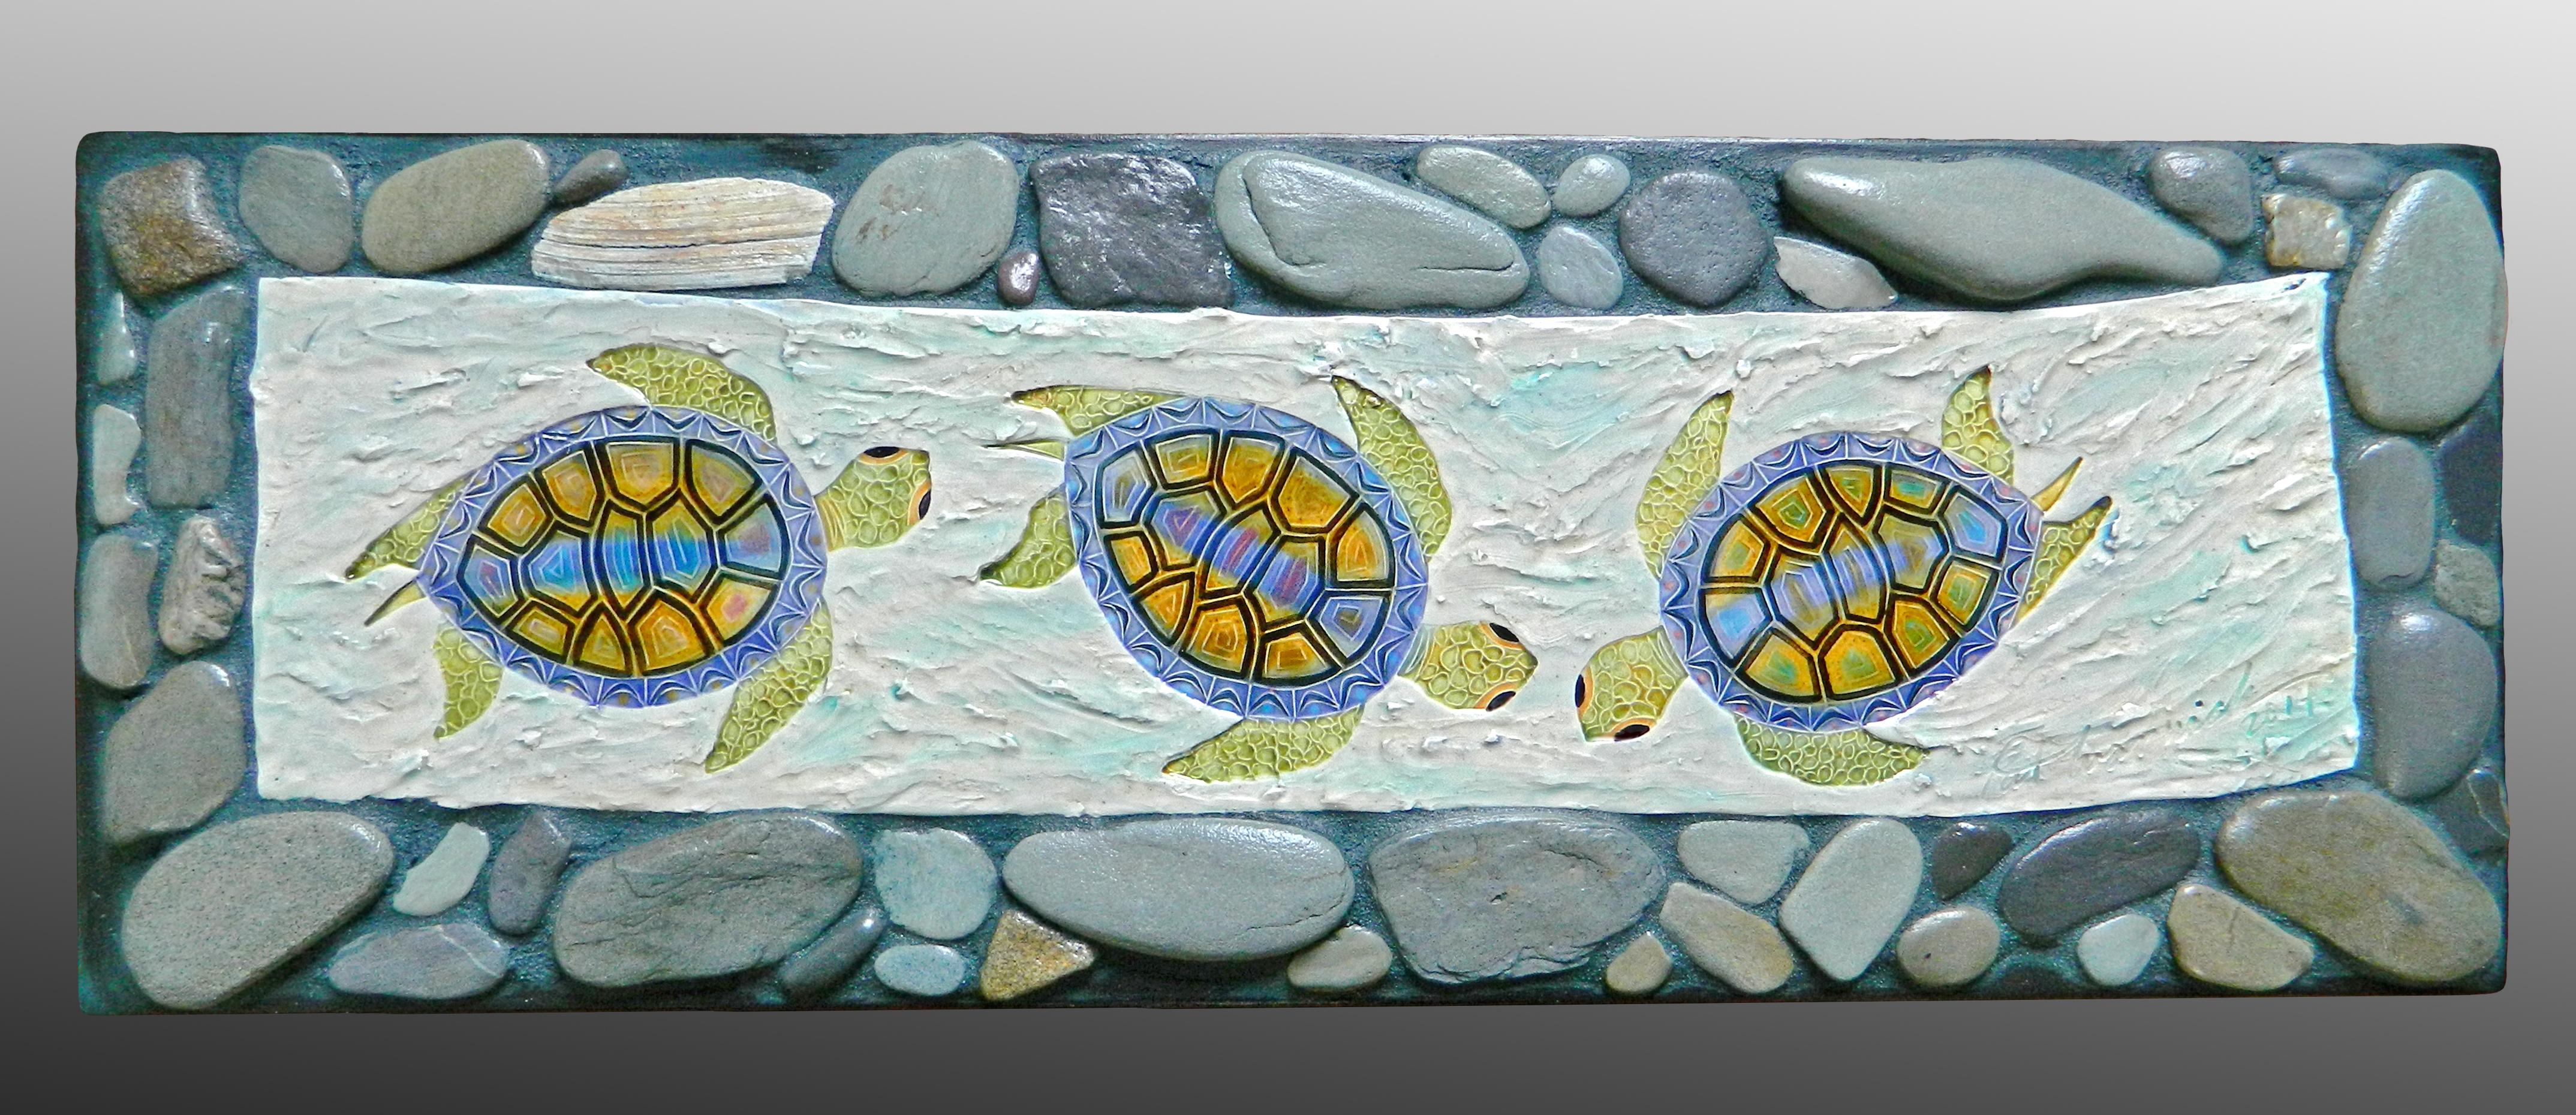 River Stone Turtle